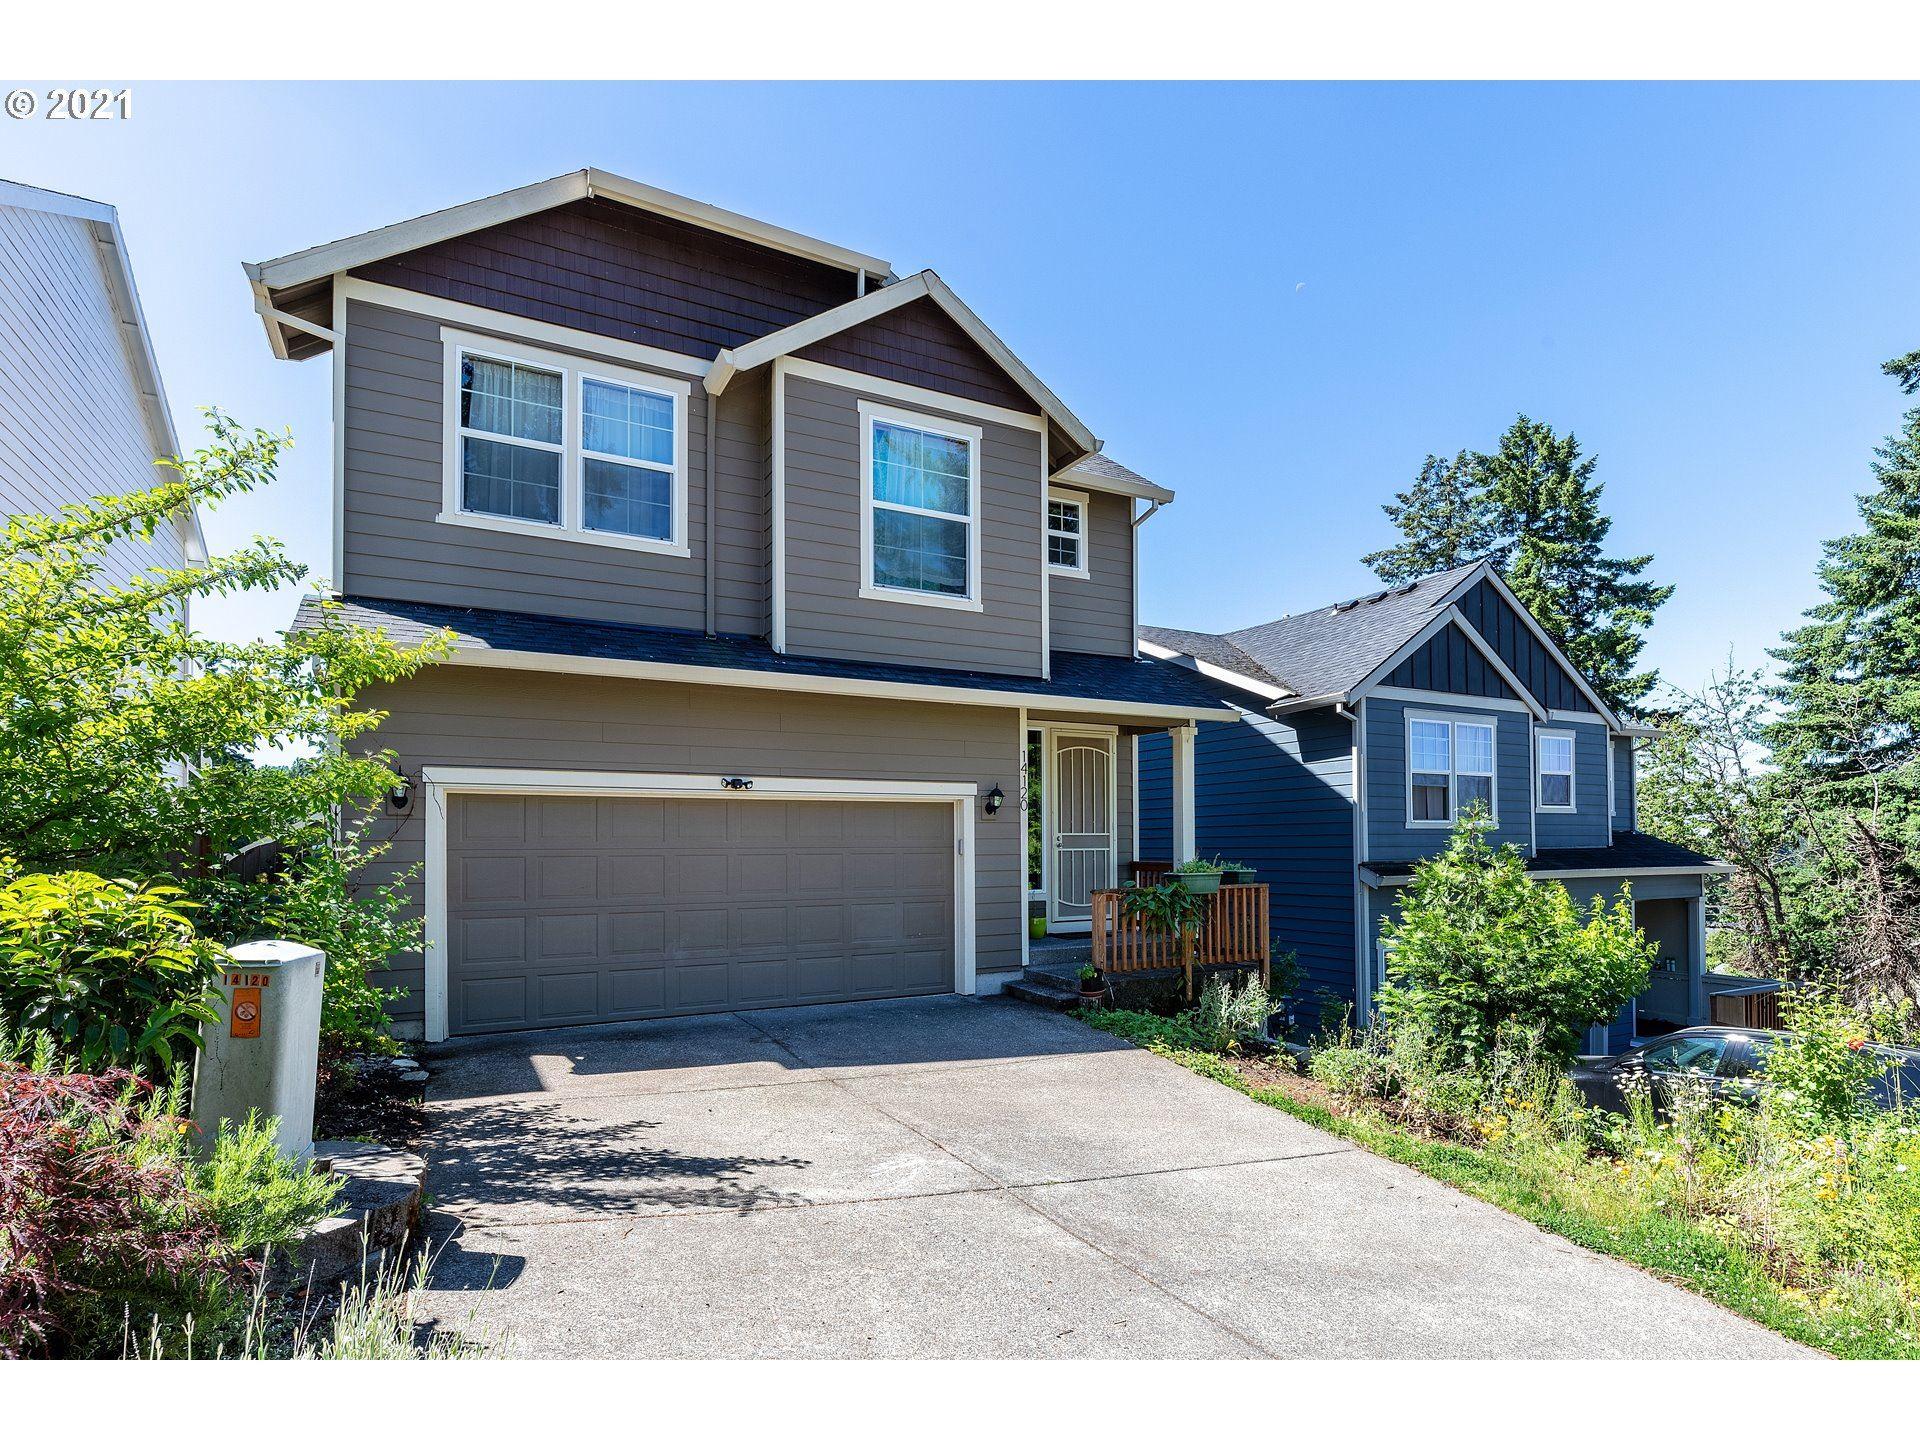 14120 SE STEELE ST, Portland, OR 97236 - MLS#: 21304114